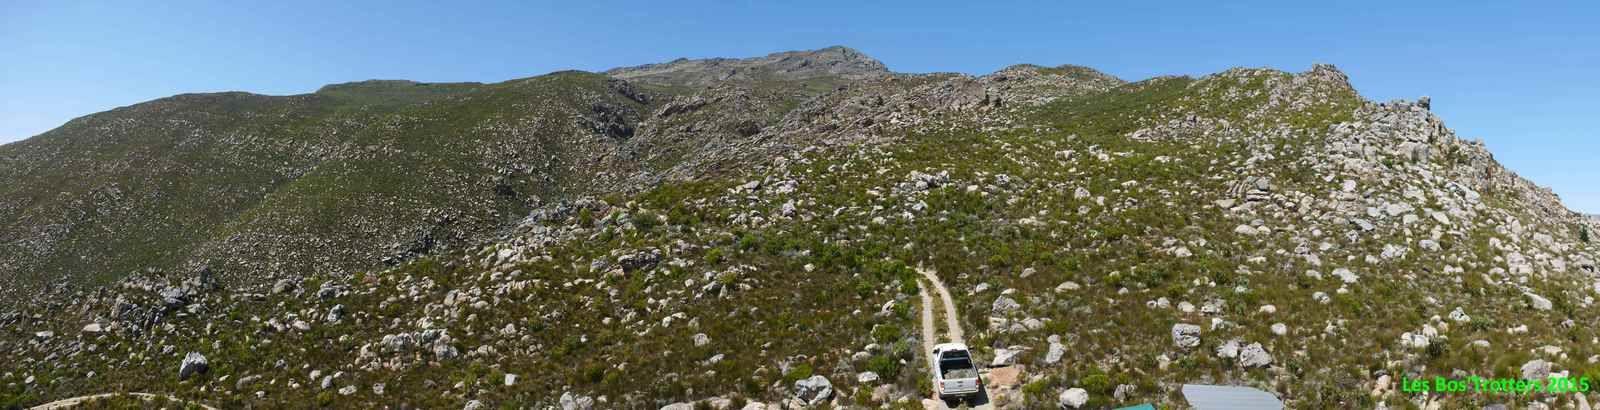 Afrique du Sud - 7 - Le Cap à l'Est